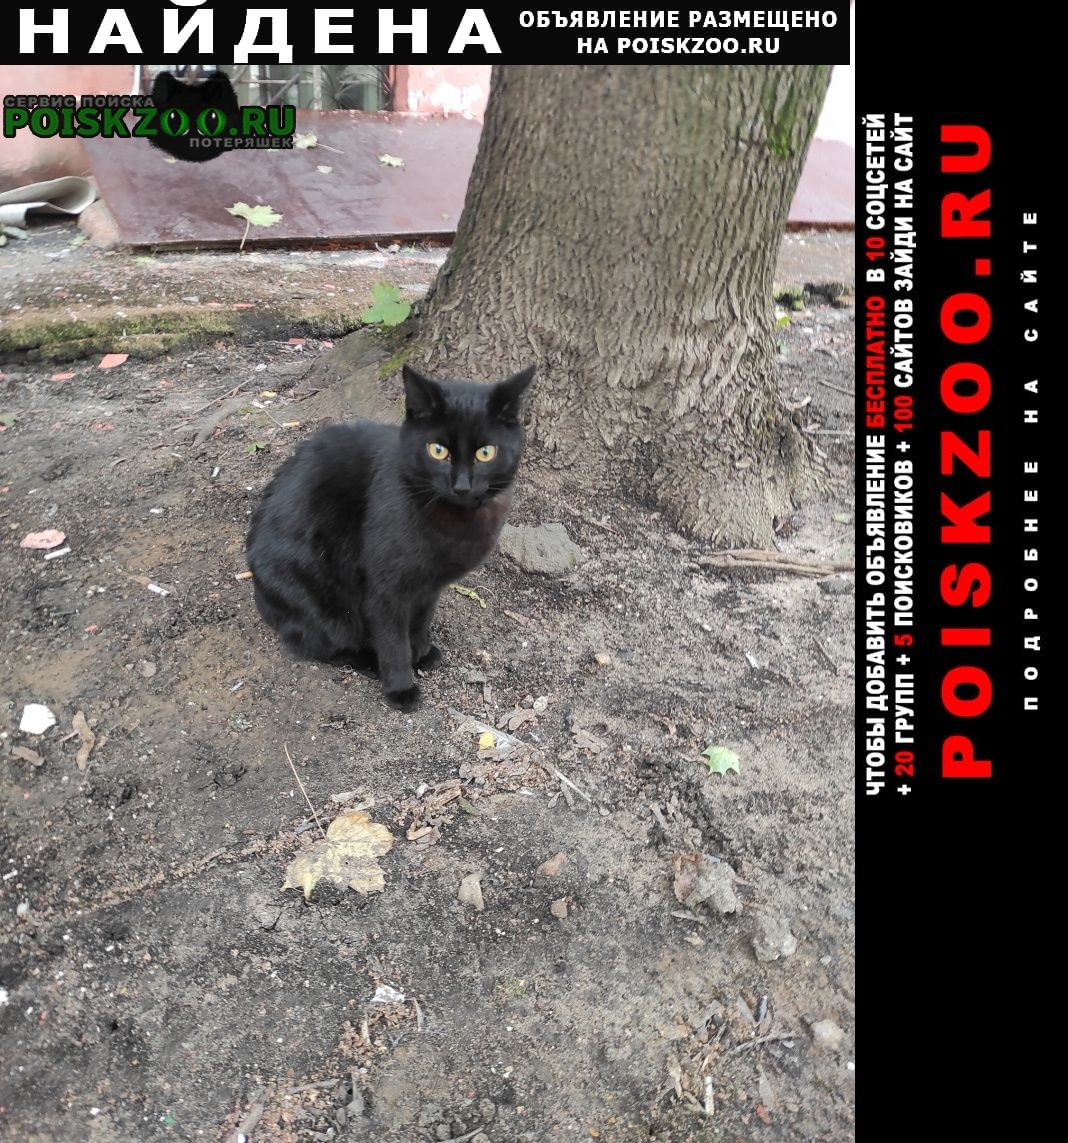 Найдена кошка черный кот Москва